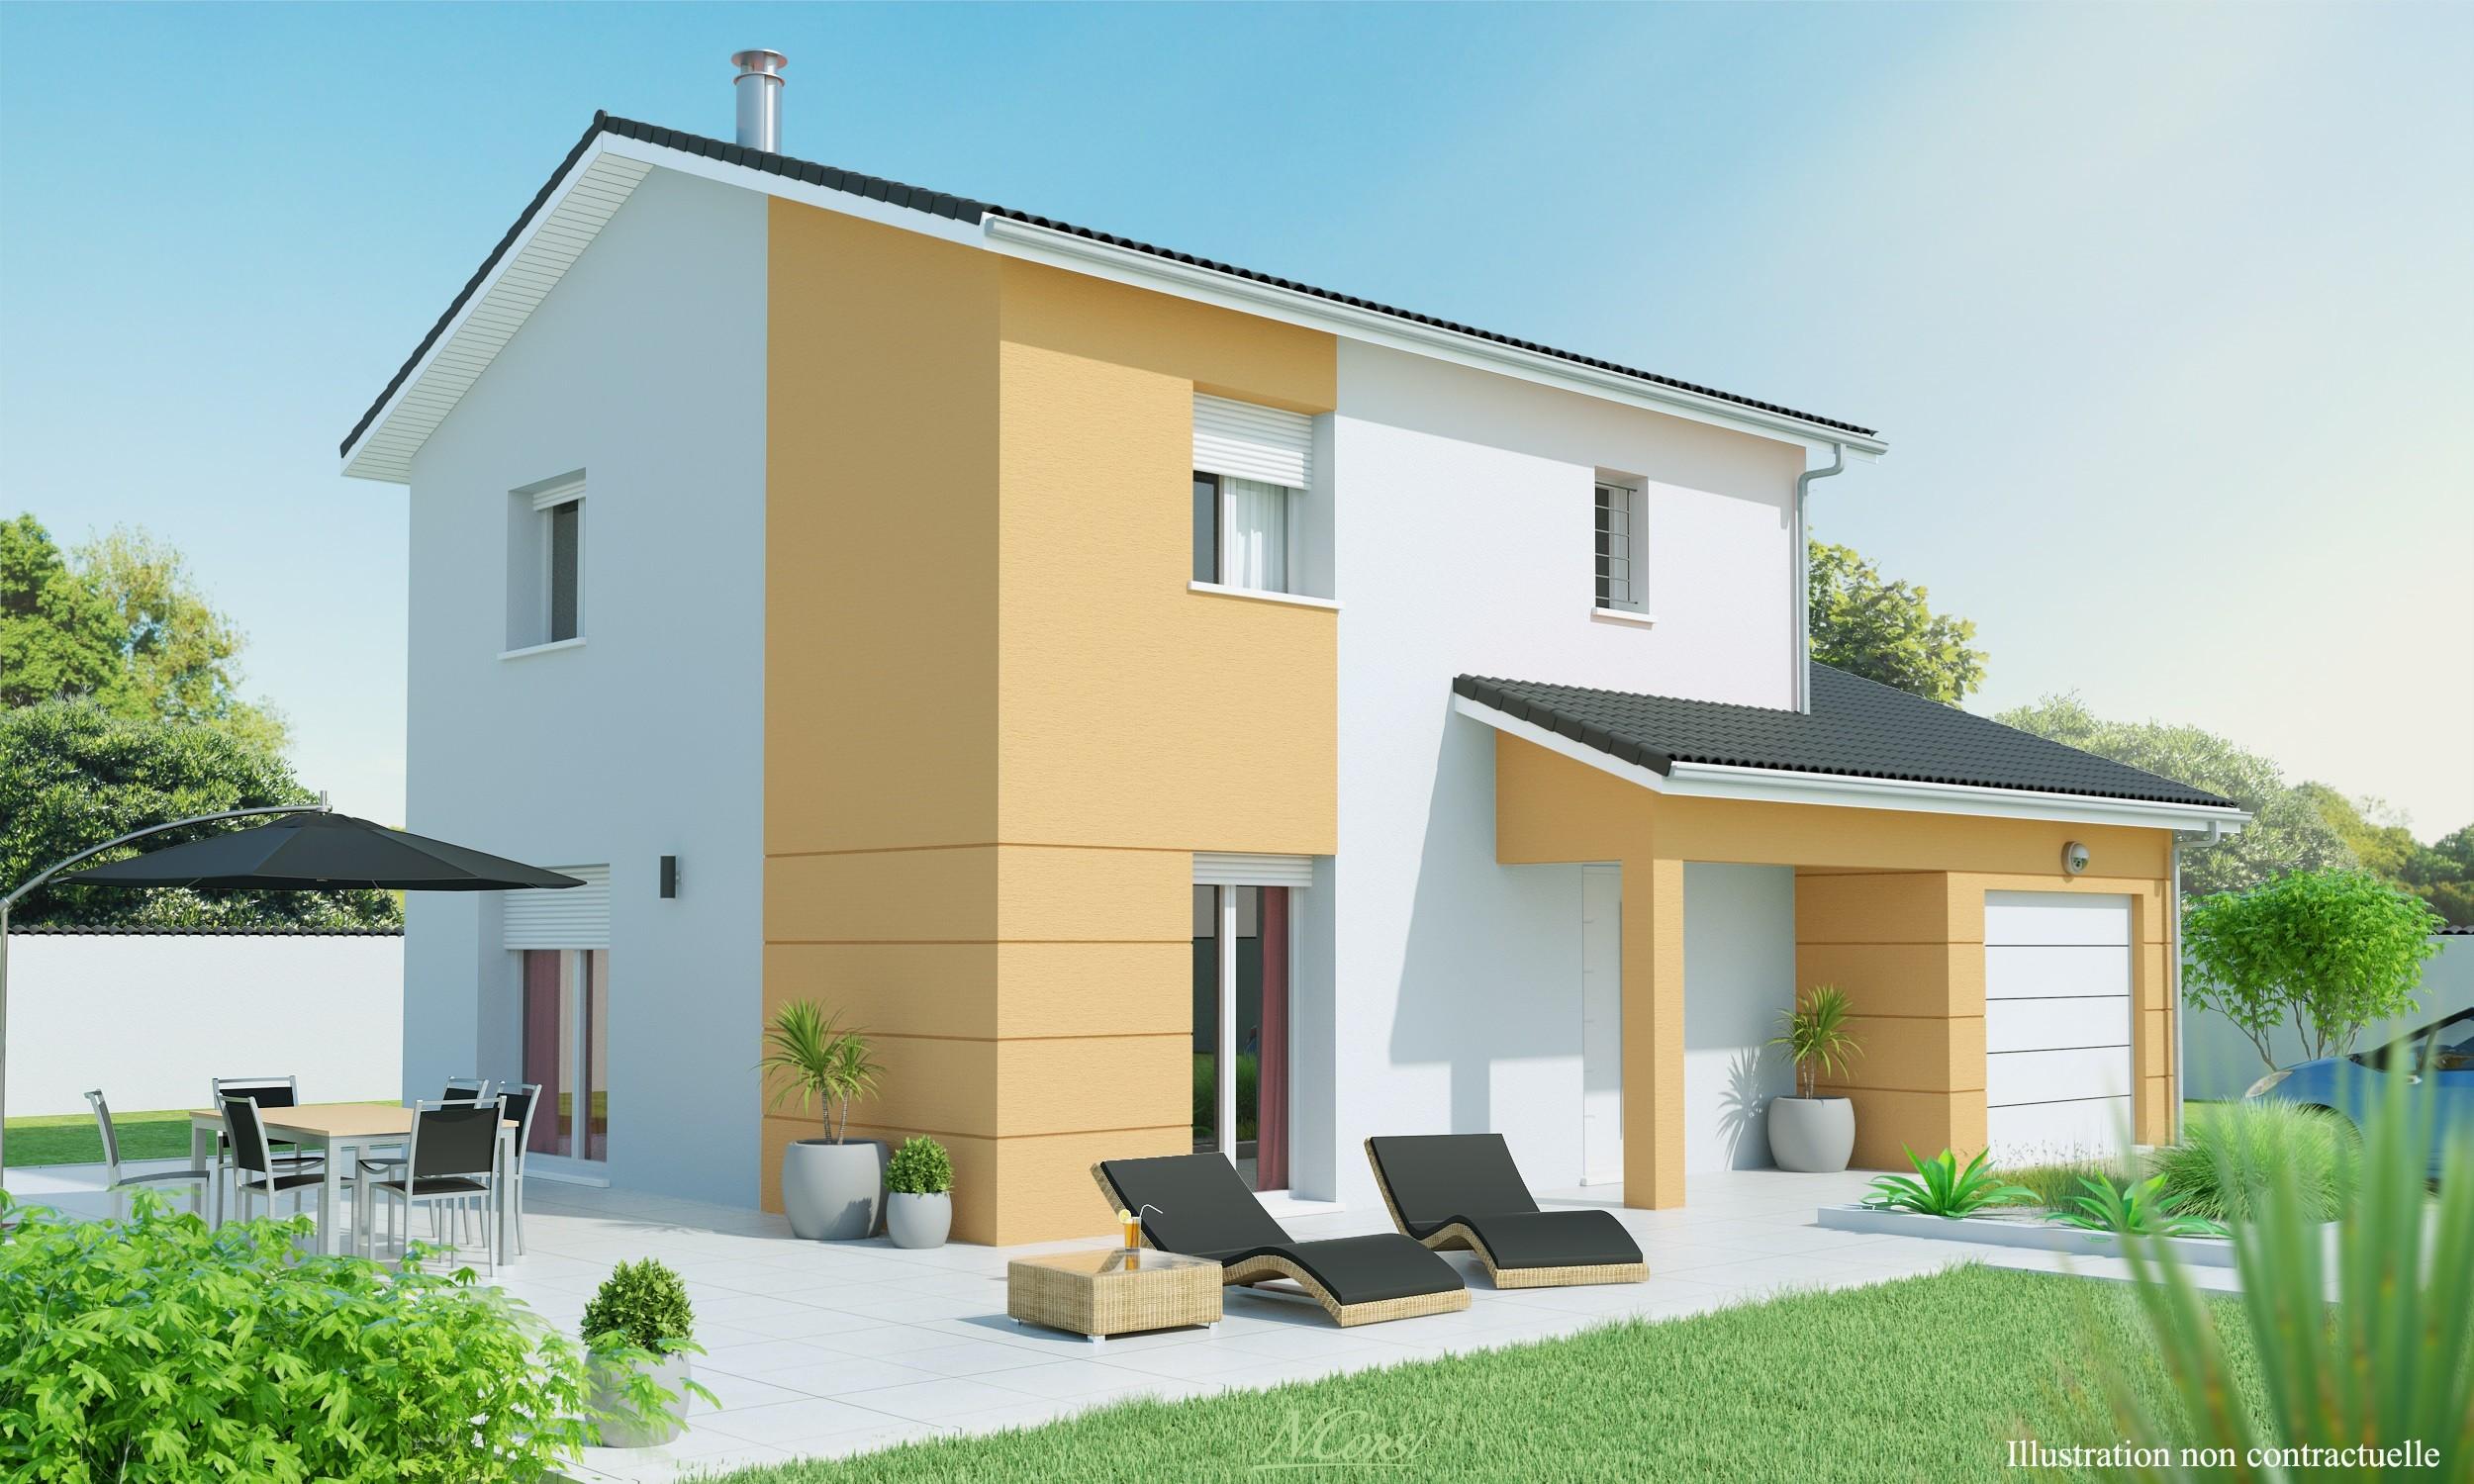 Maisons + Terrains du constructeur MAISONS AXIAL • 91 m² • LANCIE